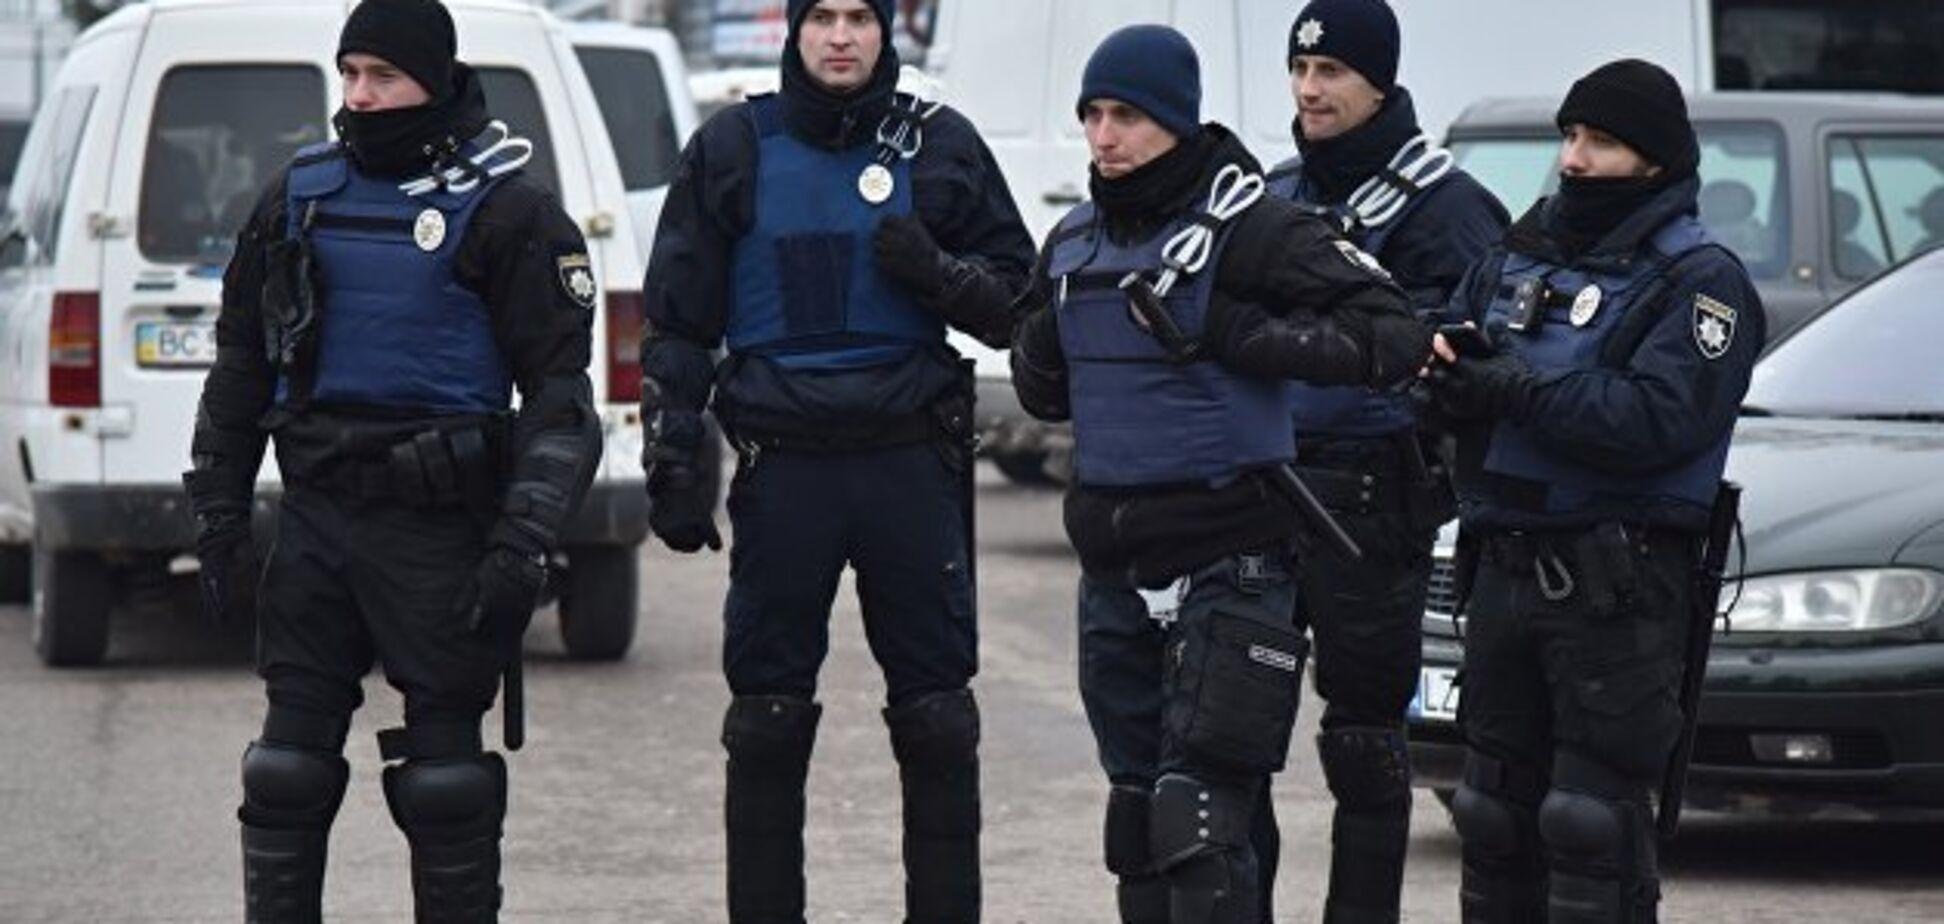 ''Викинули 90% нормальних людей'': реформа поліції в Україні з тріском провалилася